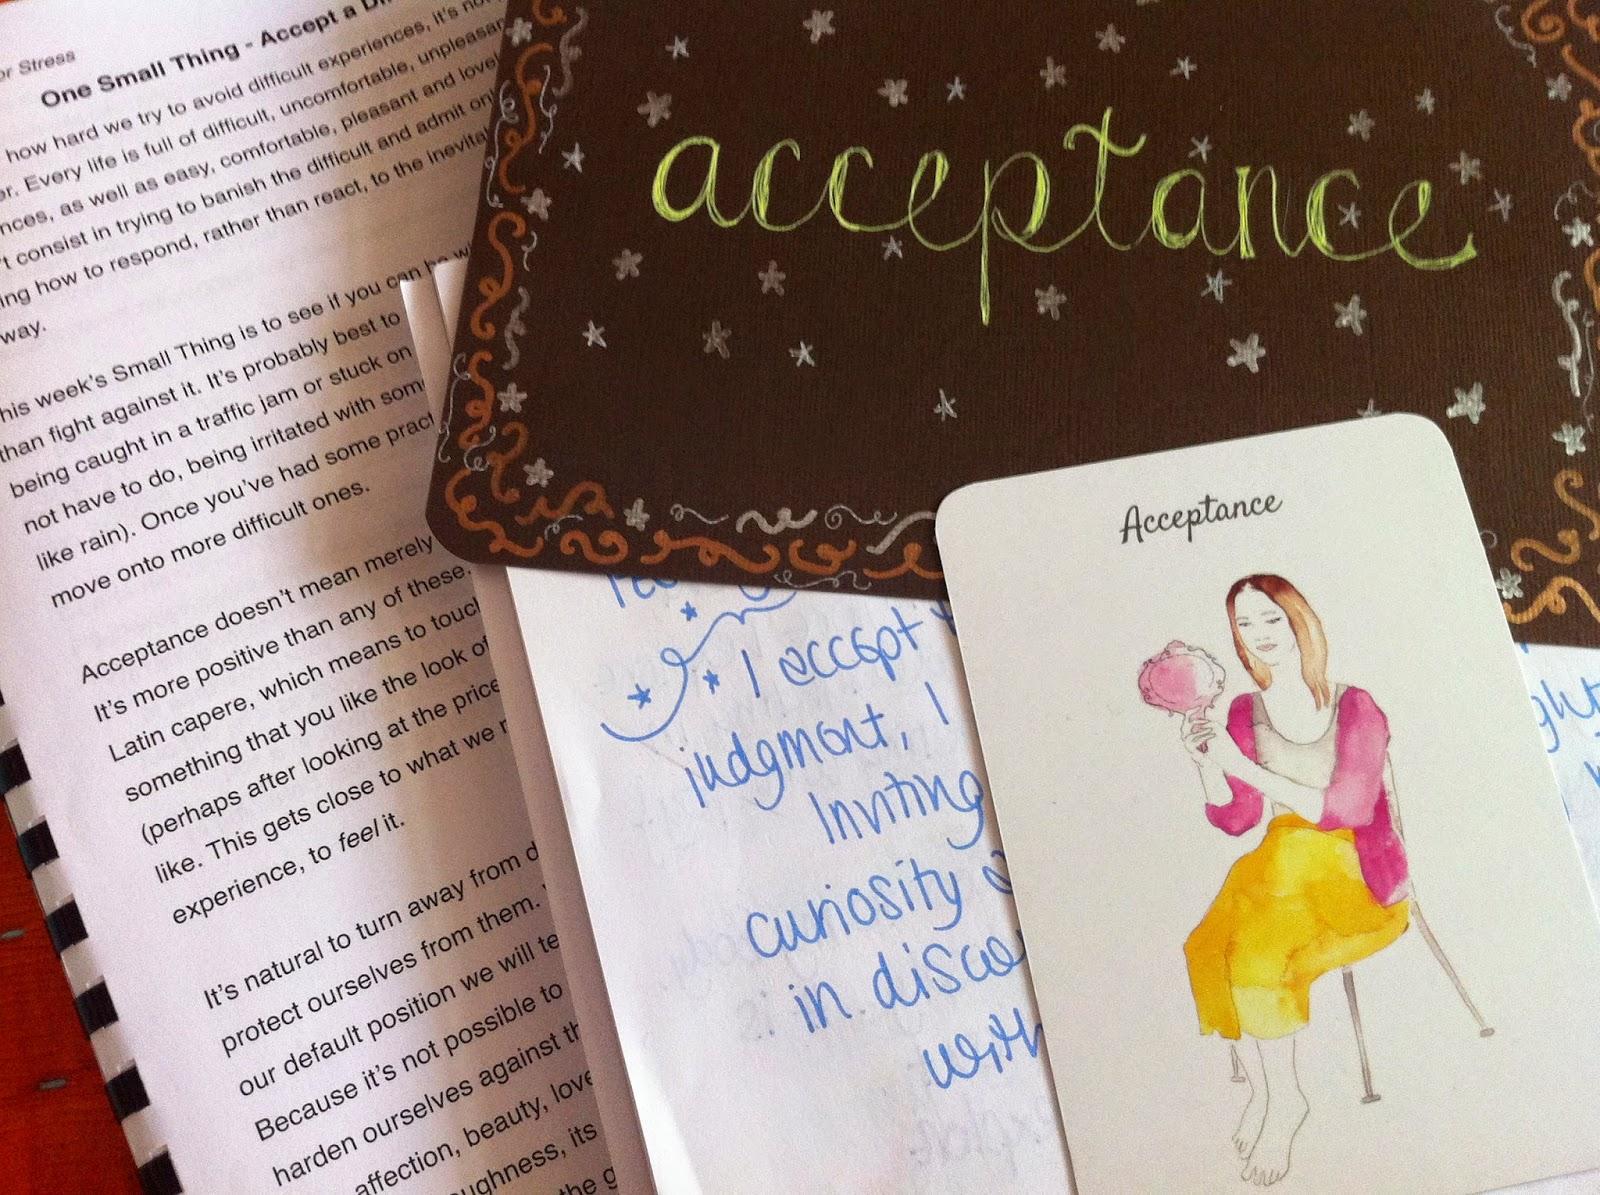 Acceptance images